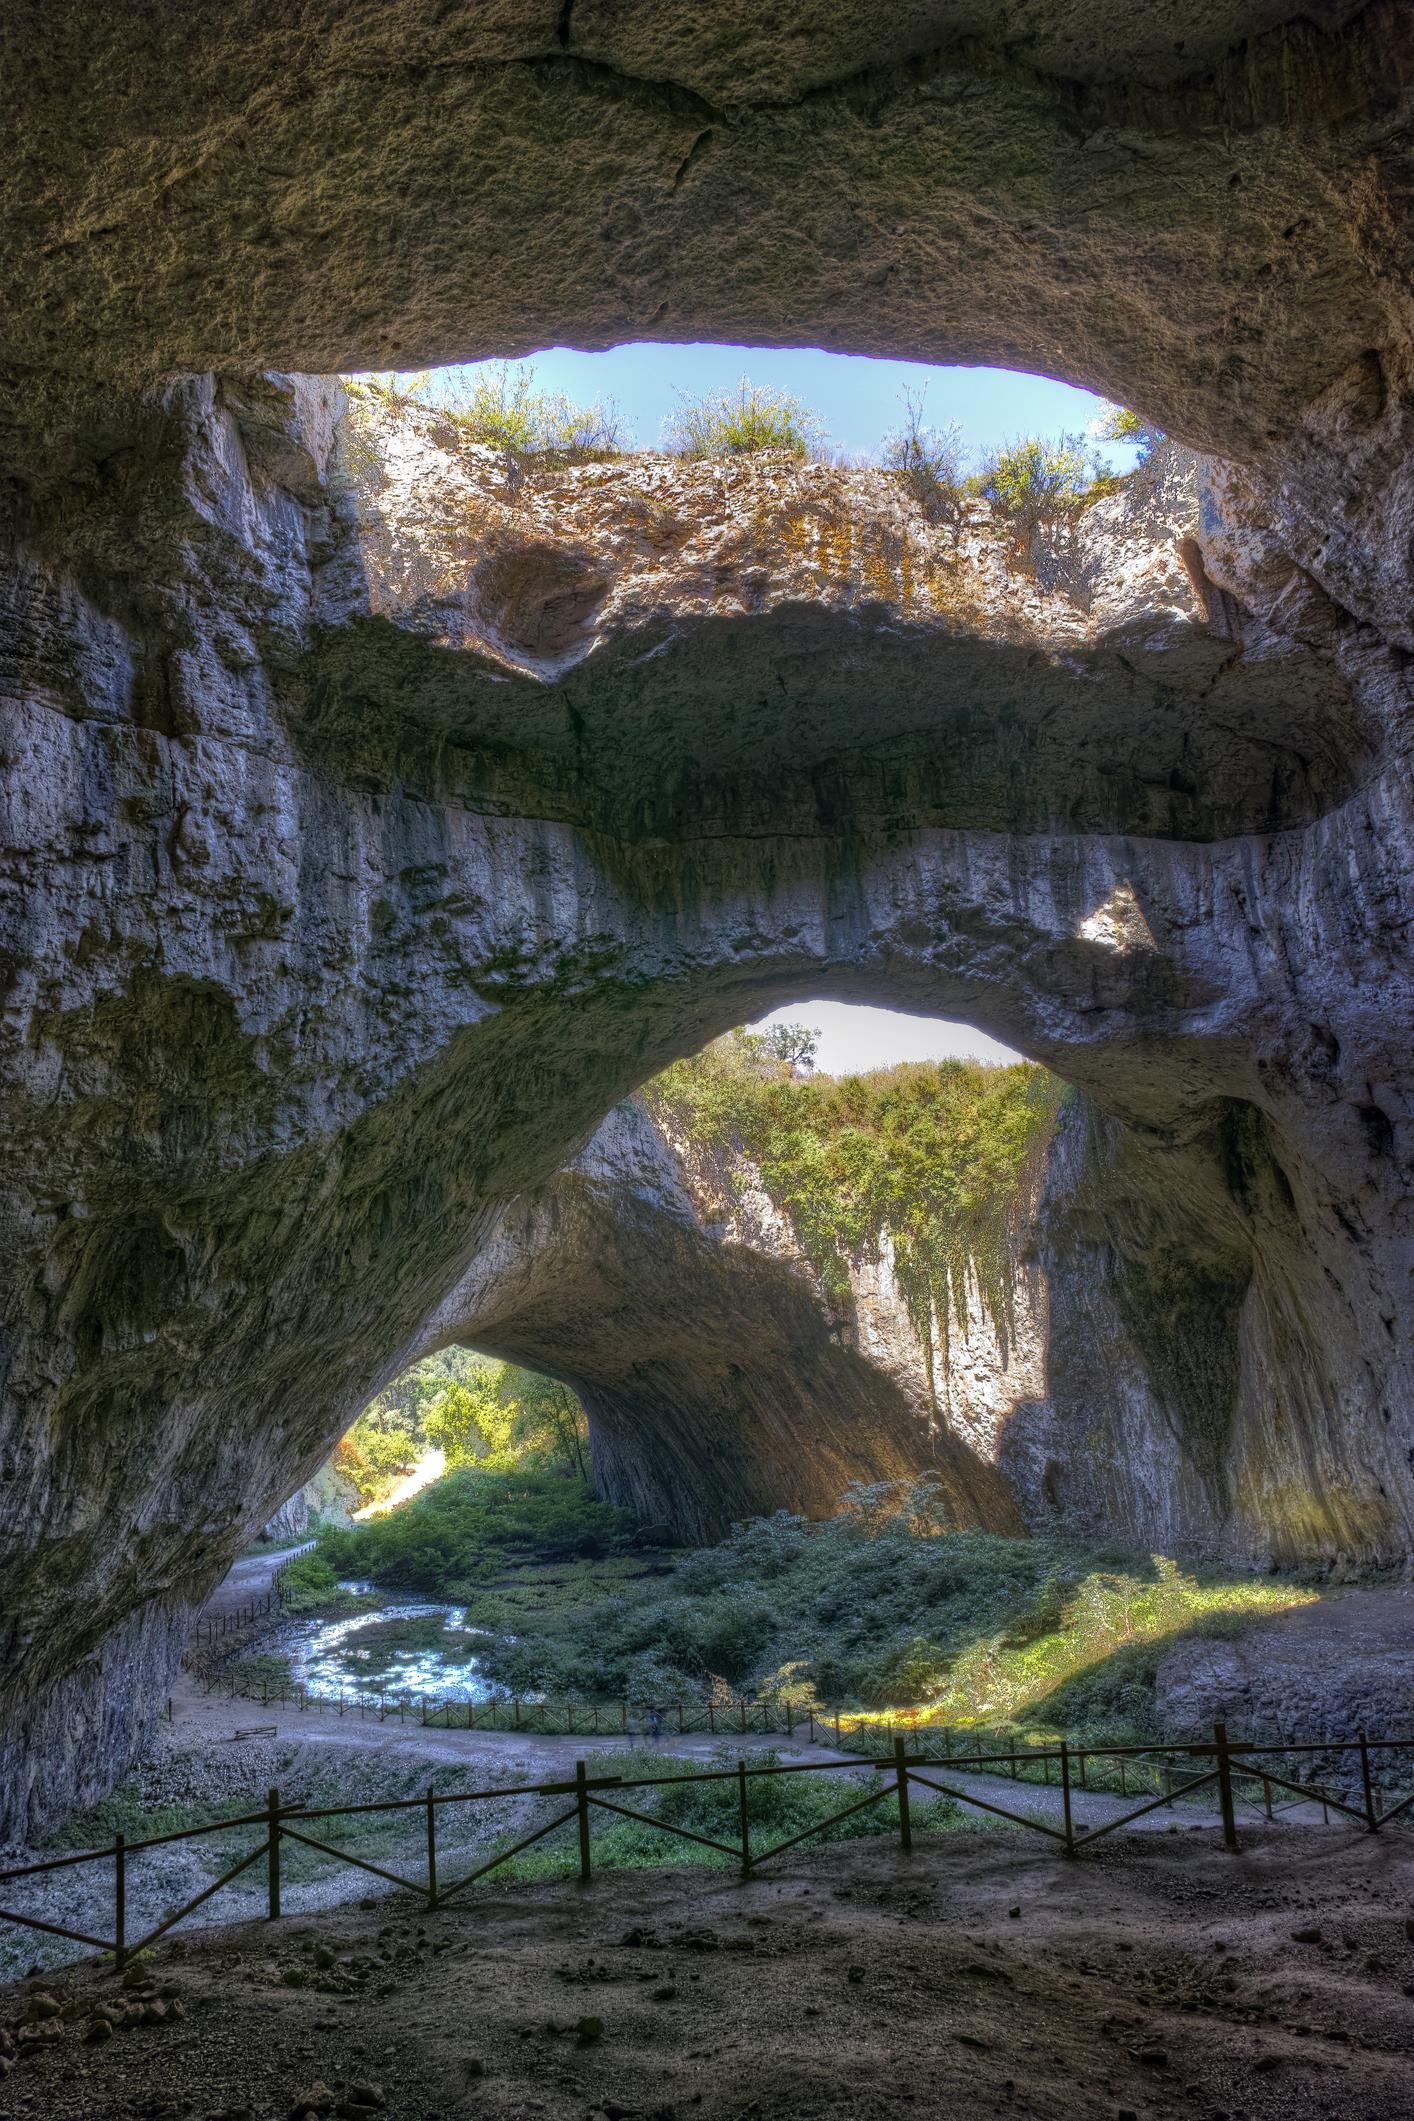 Ловеч безспорно е град с хиляди исторически кътчета и забележителности. Въпреки разстоянието си от София, за един ден може да обиколите много от местата и обекти в града. В района се намира Деветашката пещера, както и Крушунския водопад.